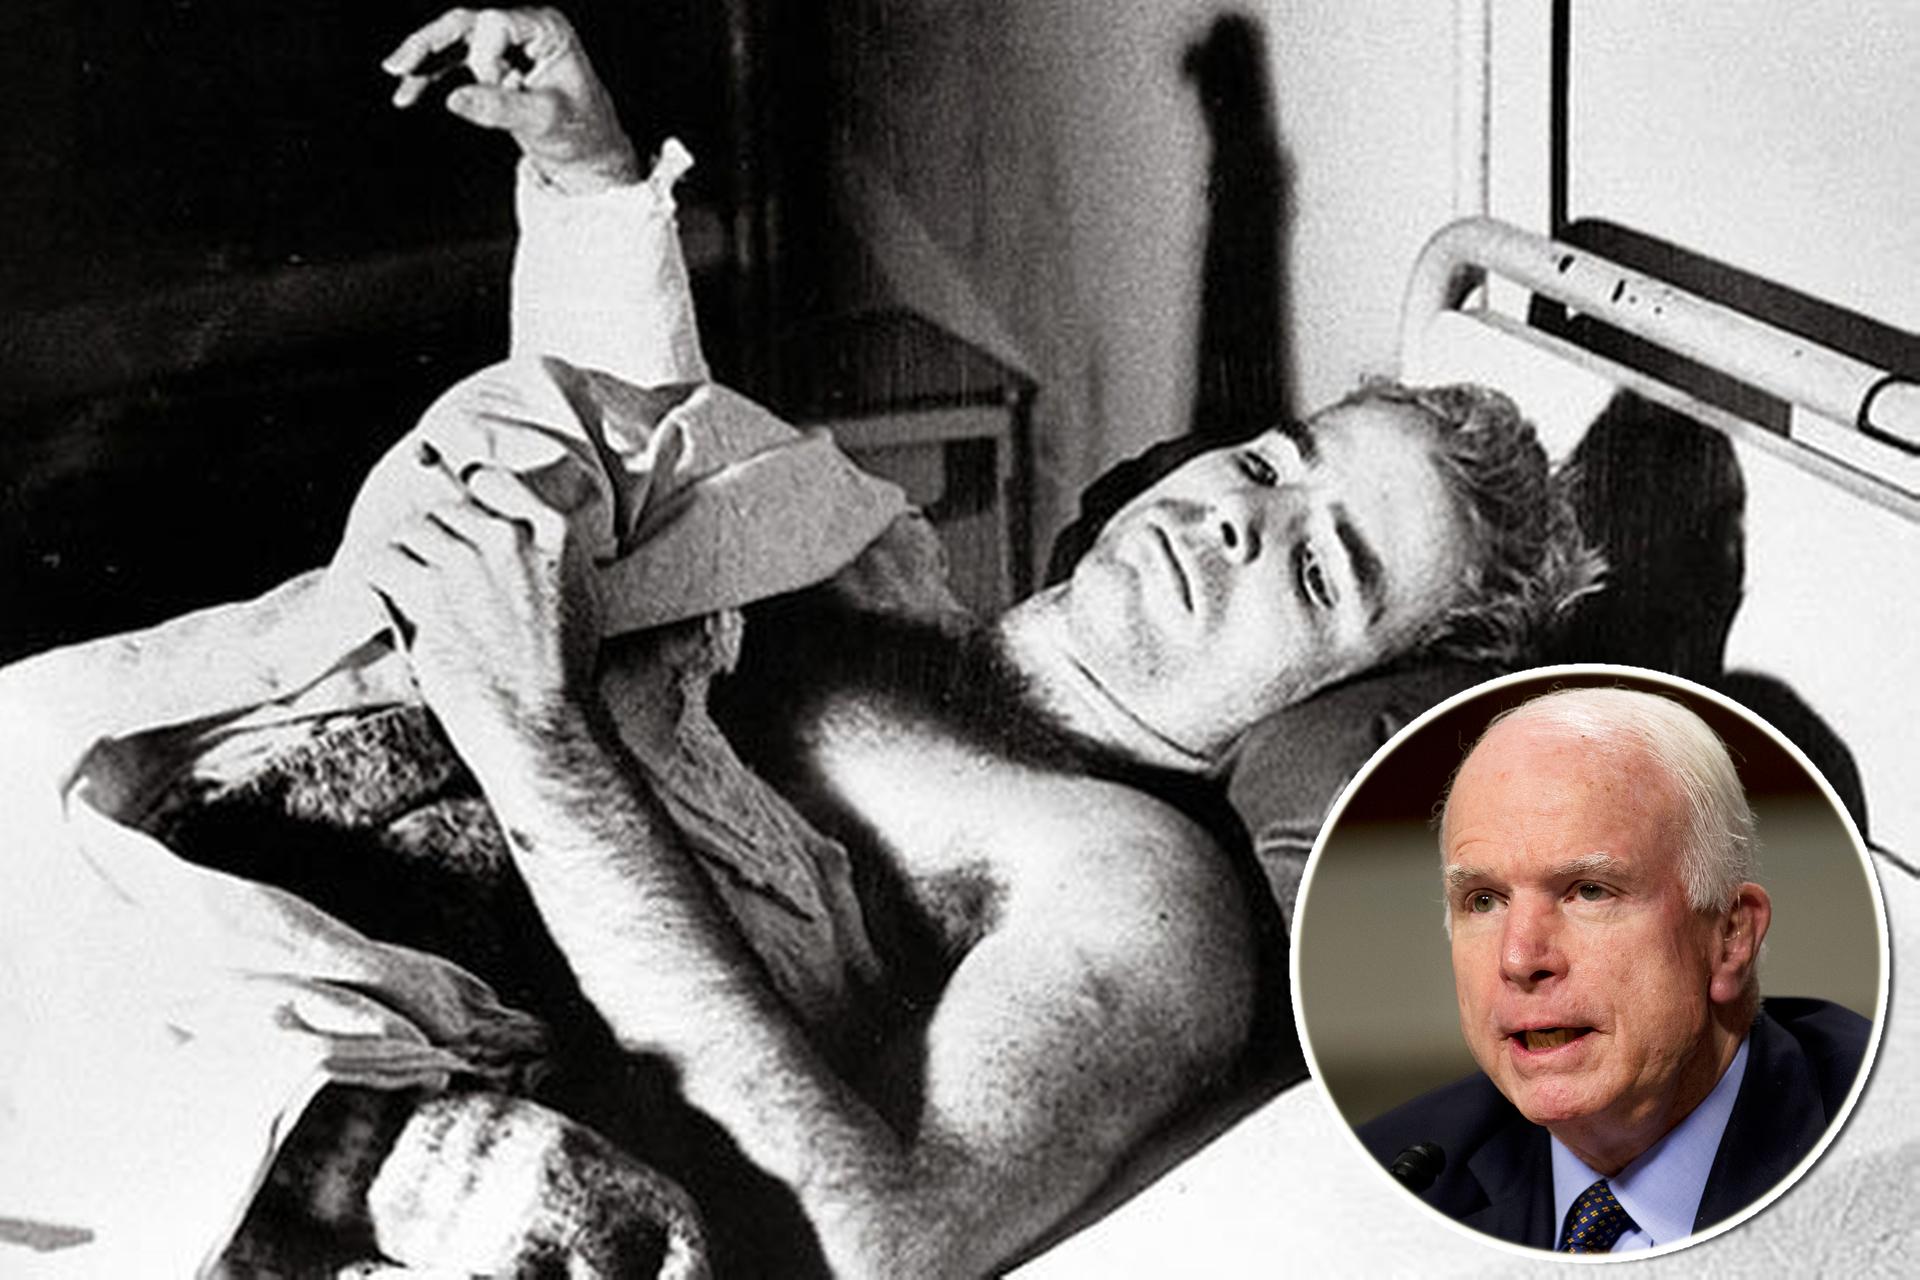 TNS McCain 'buồn' vì ông Trump không nhắc đến nhân quyền ở Việt Nam